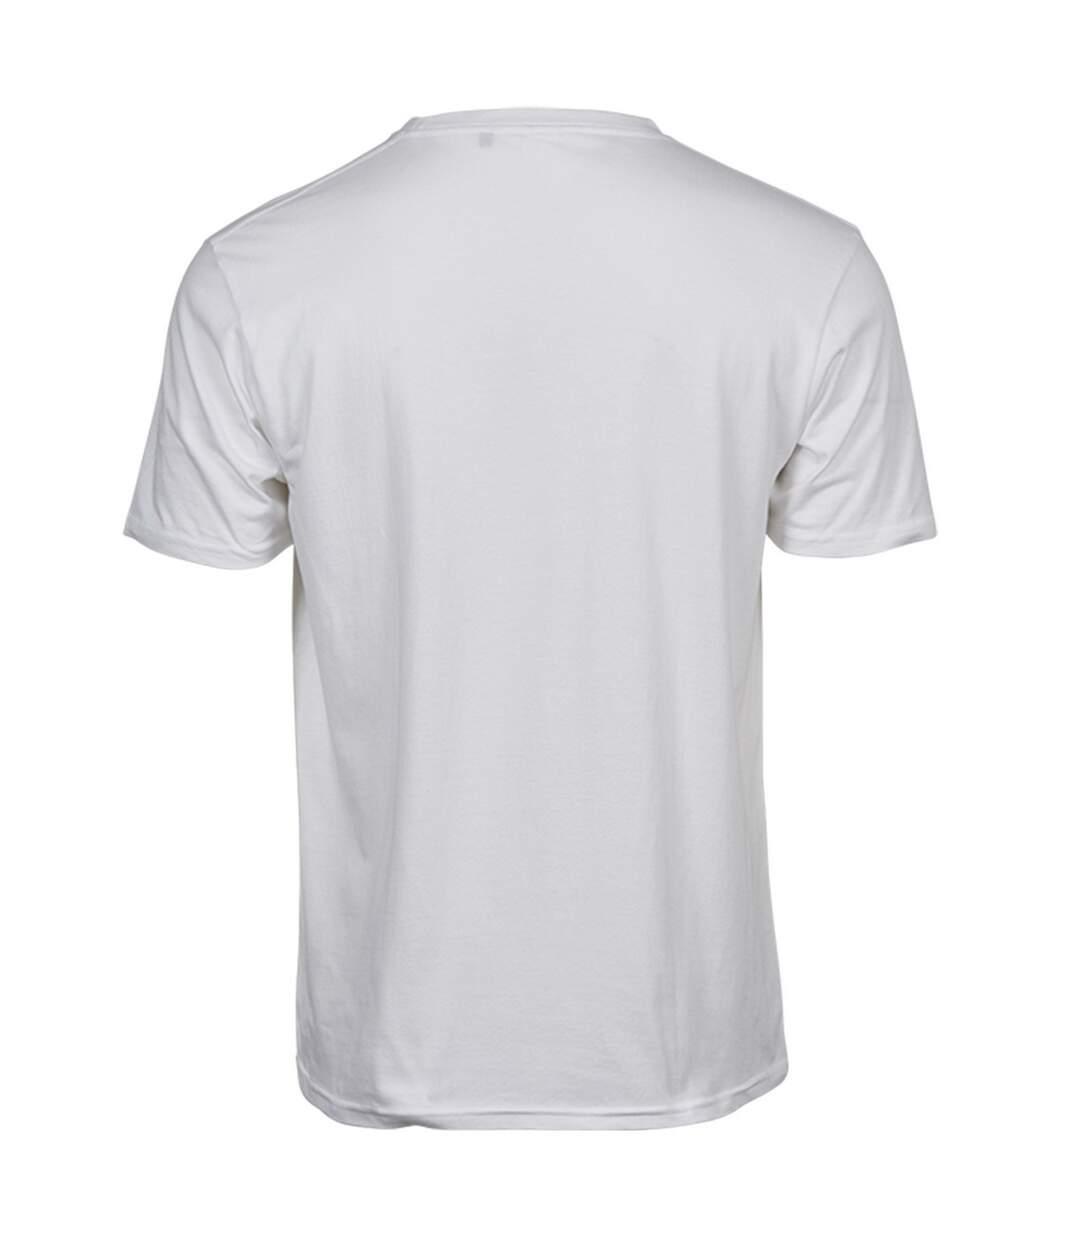 Tee Jays Mens Power T-Shirt (White) - UTPC4092